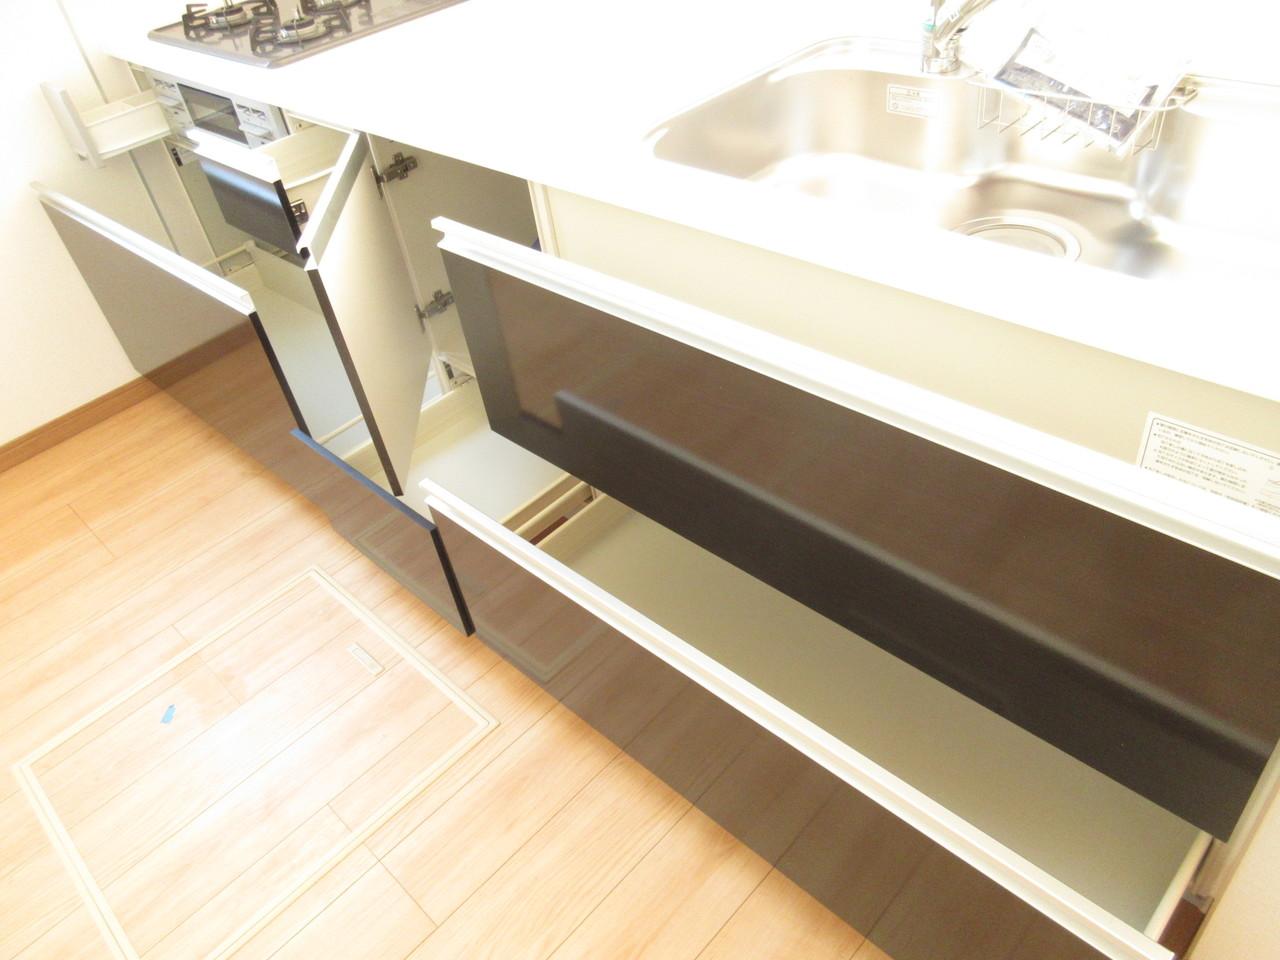 収納スペースもしっかりございます◎収納上手でお料理スペースもしっかり確保できます♪